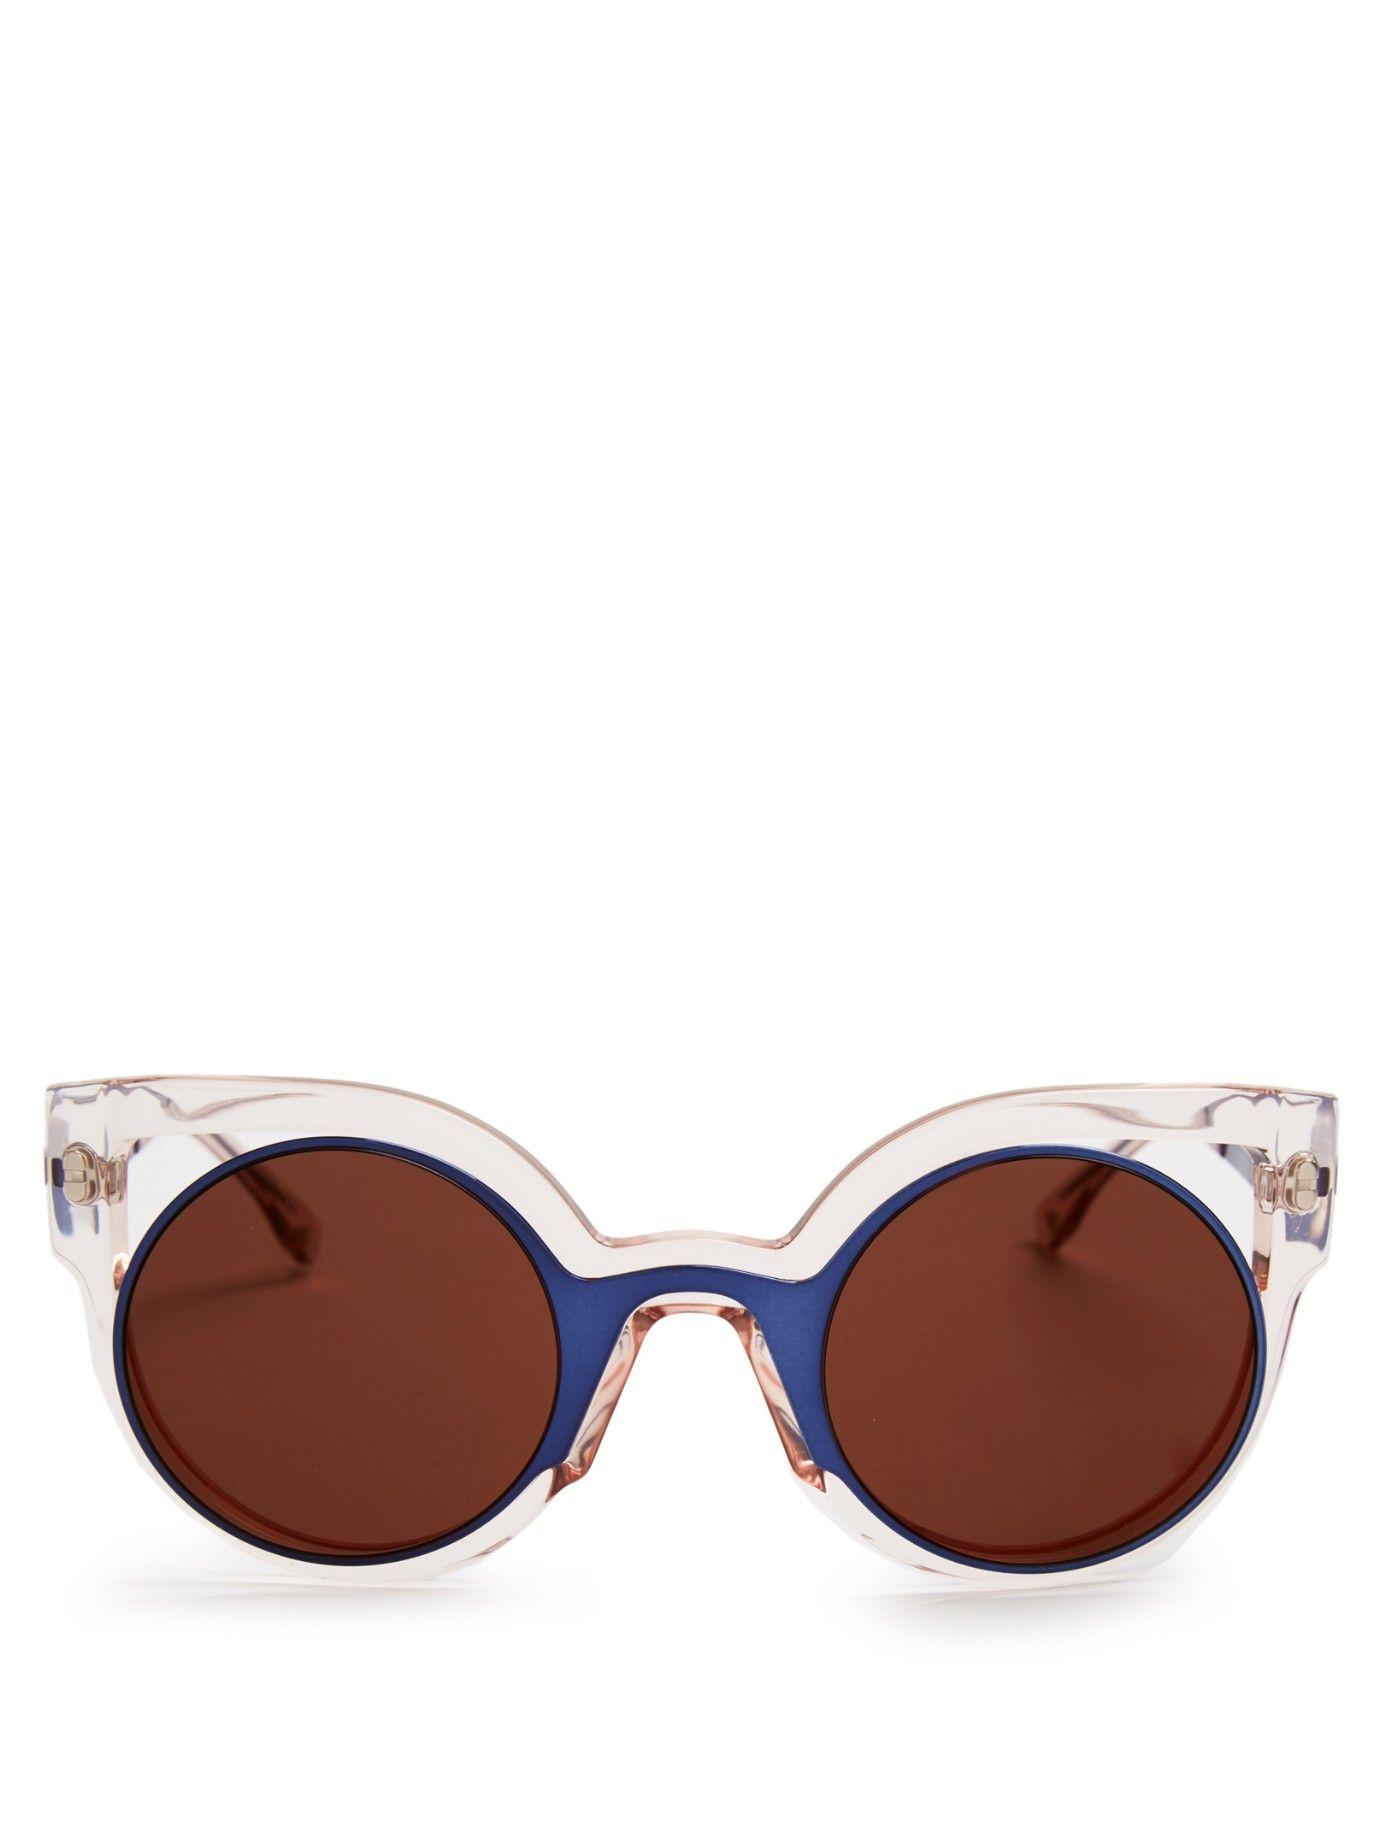 92bfd457e0 Bi-colour round-framed sunglasses